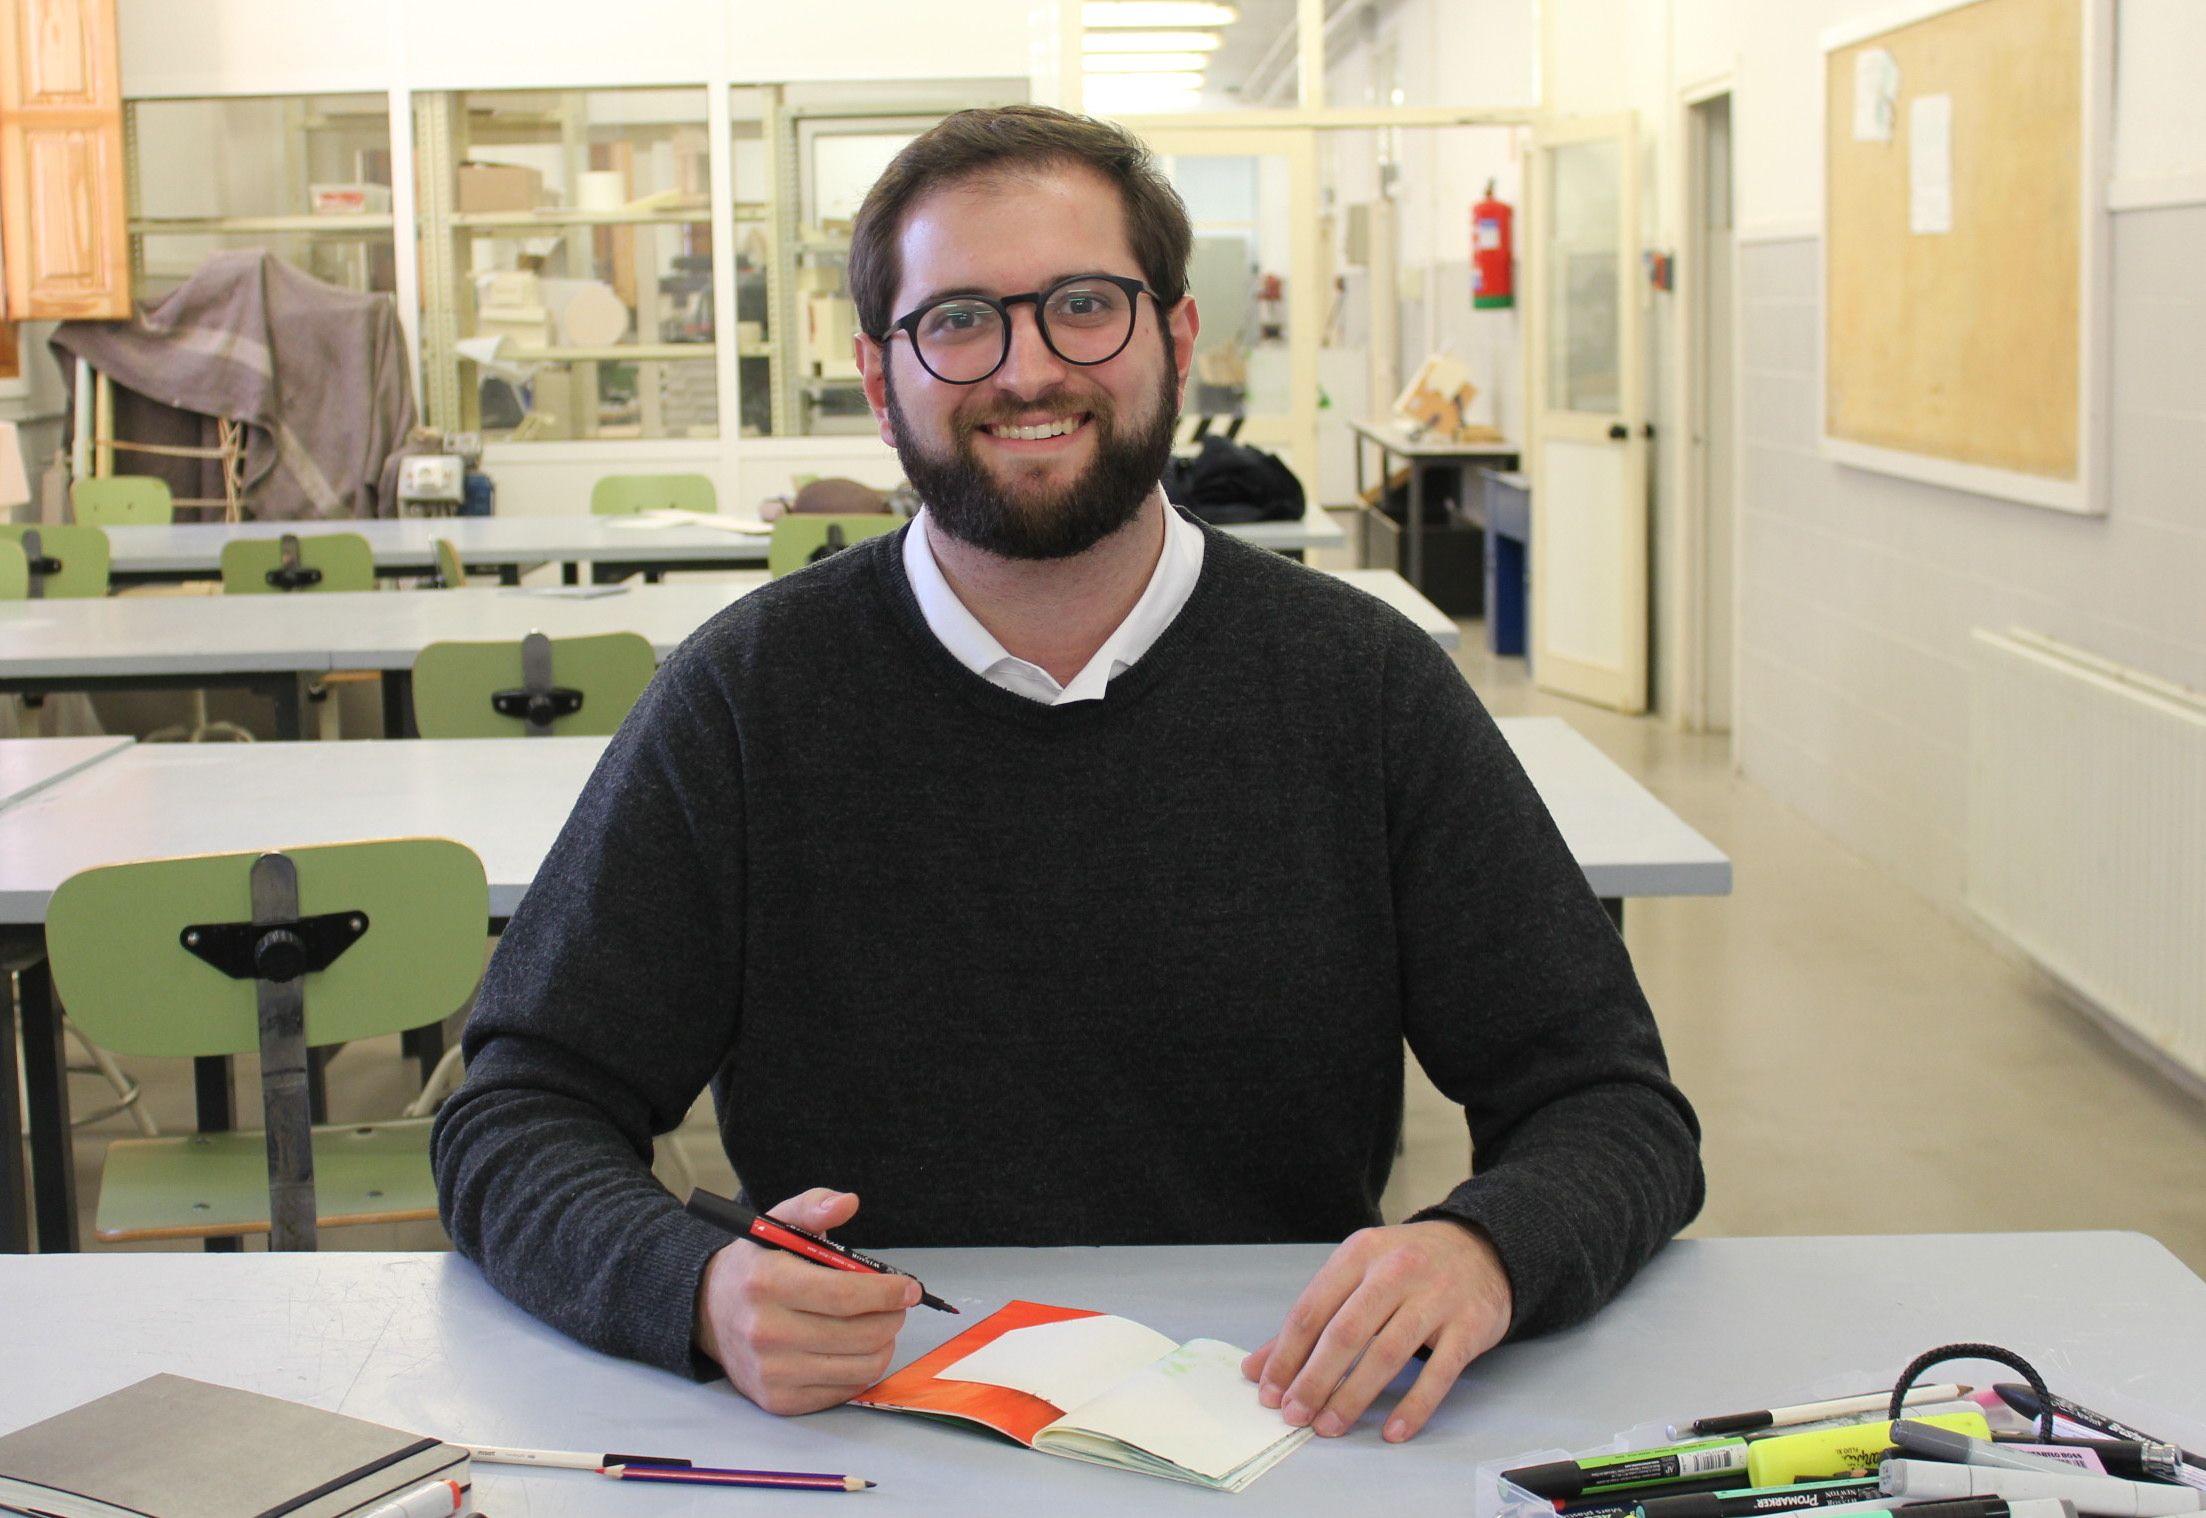 Martín Pérez, en uno de los talleres de la Escuela de Diseño de la CEU UCH.